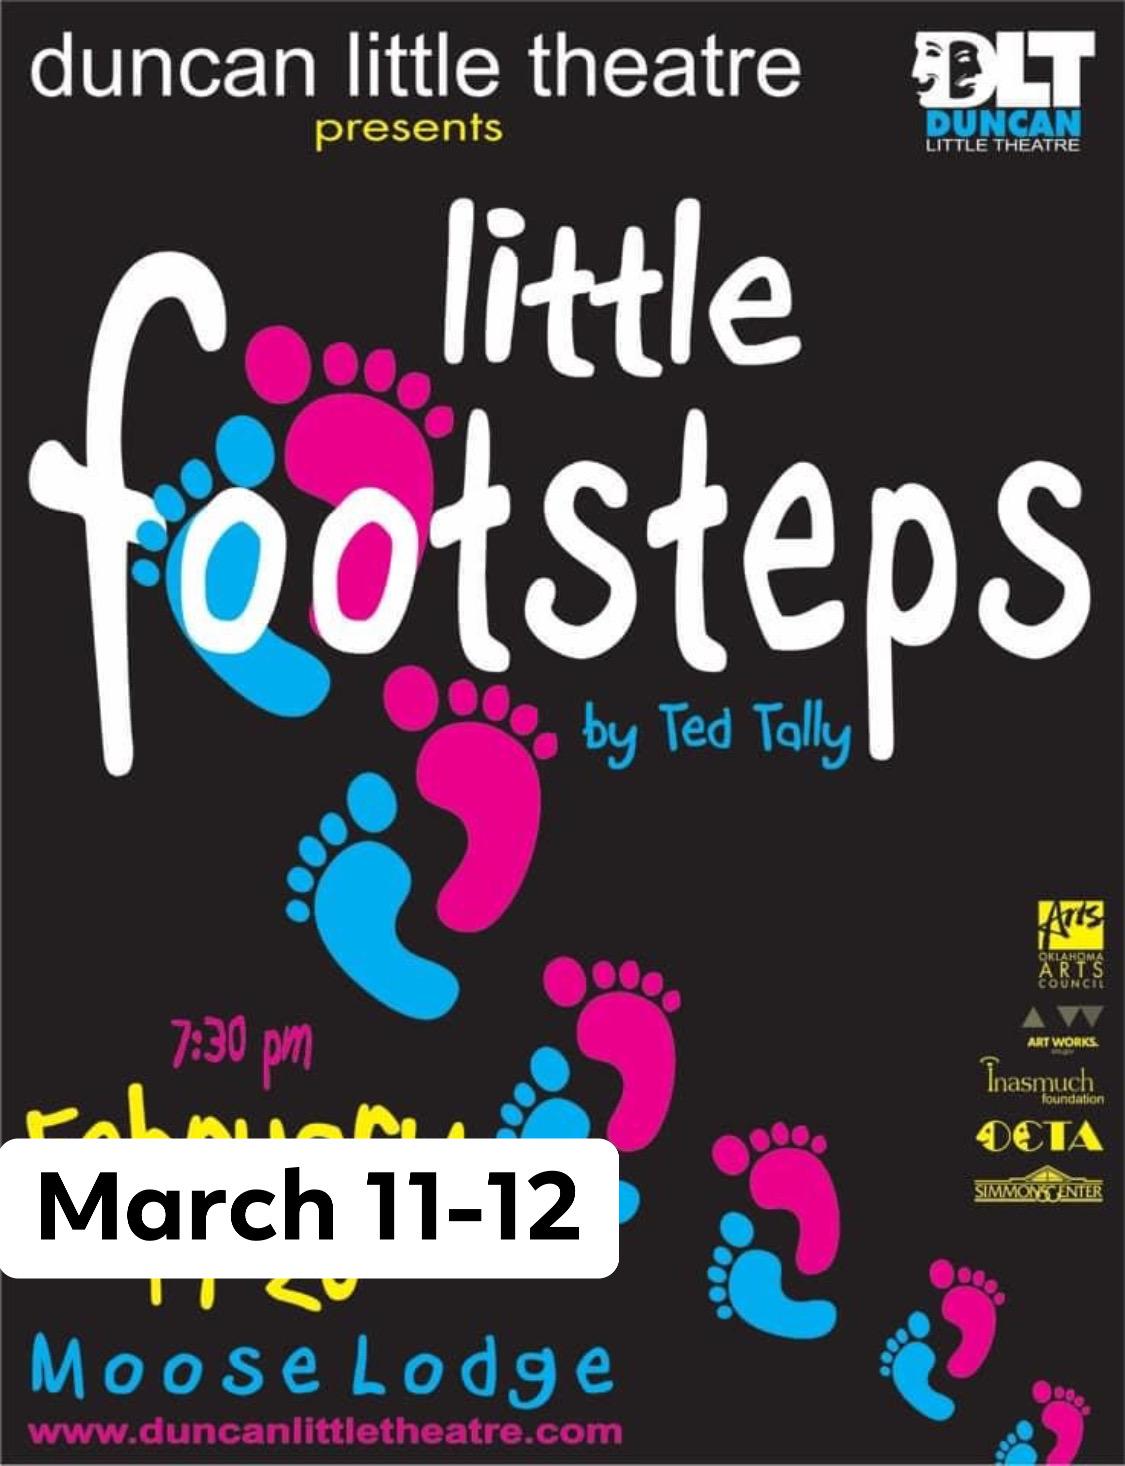 Image for Little Footsteps